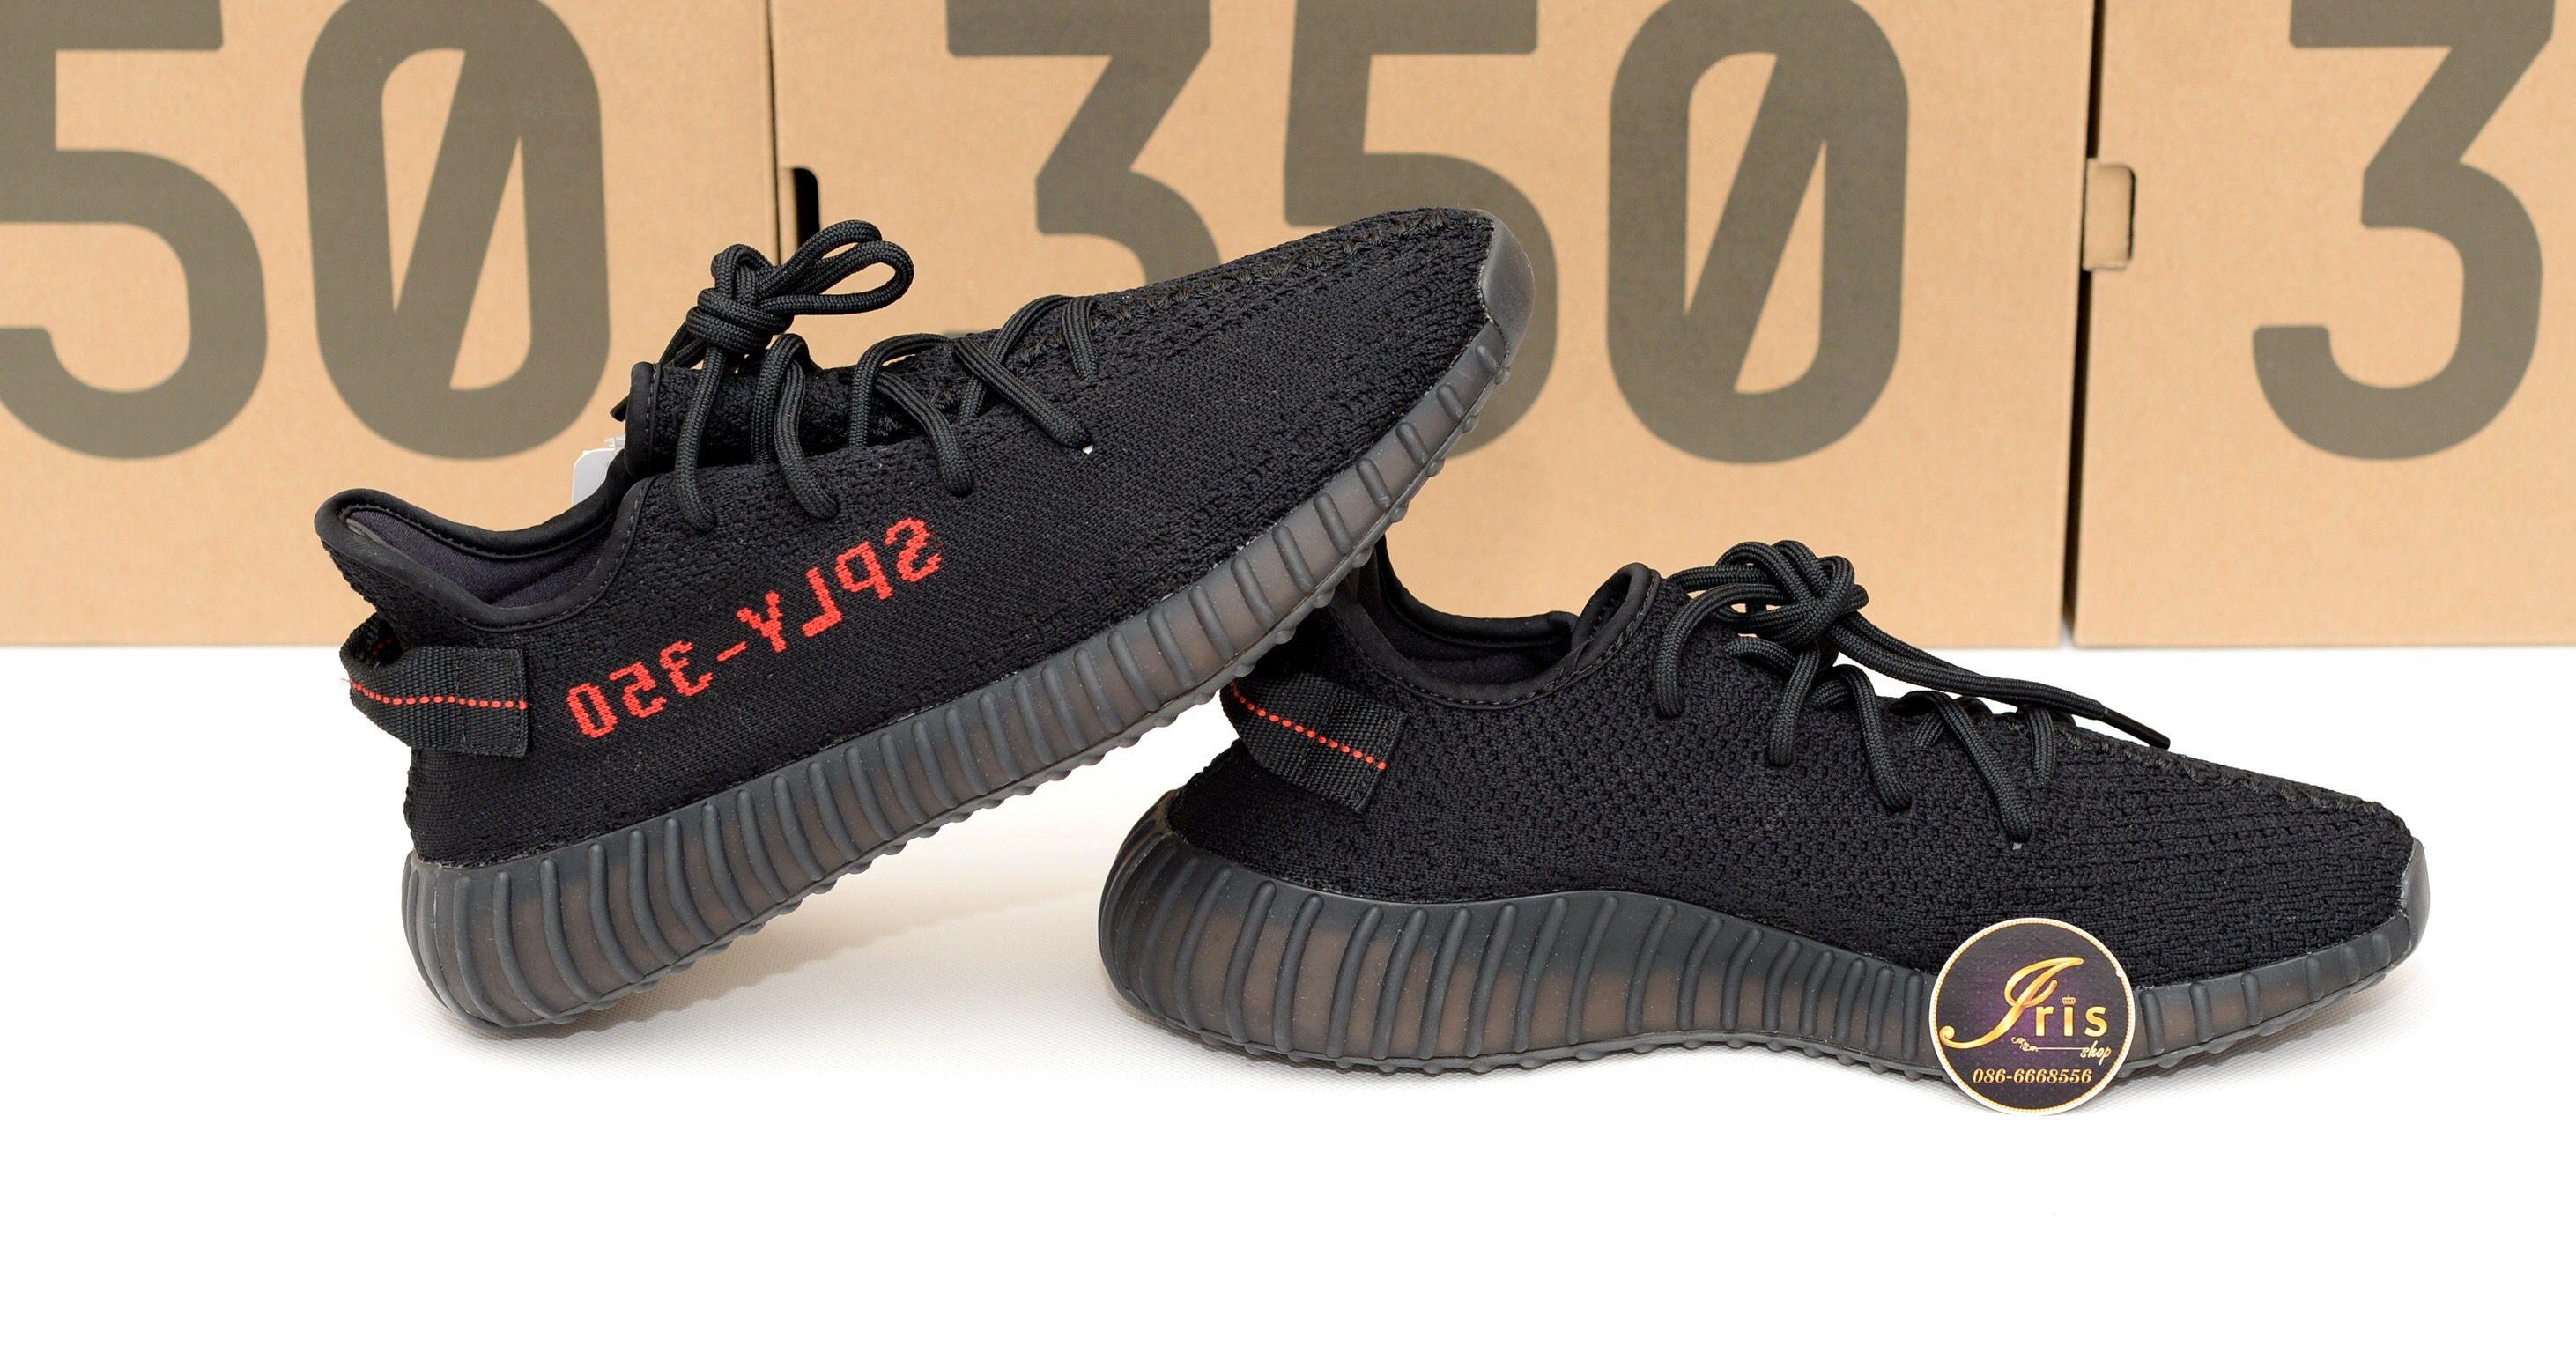 ??????? Adidas Yeezy Boost 350 V2 Bred ???????? ????????\u203c - Iris Shop